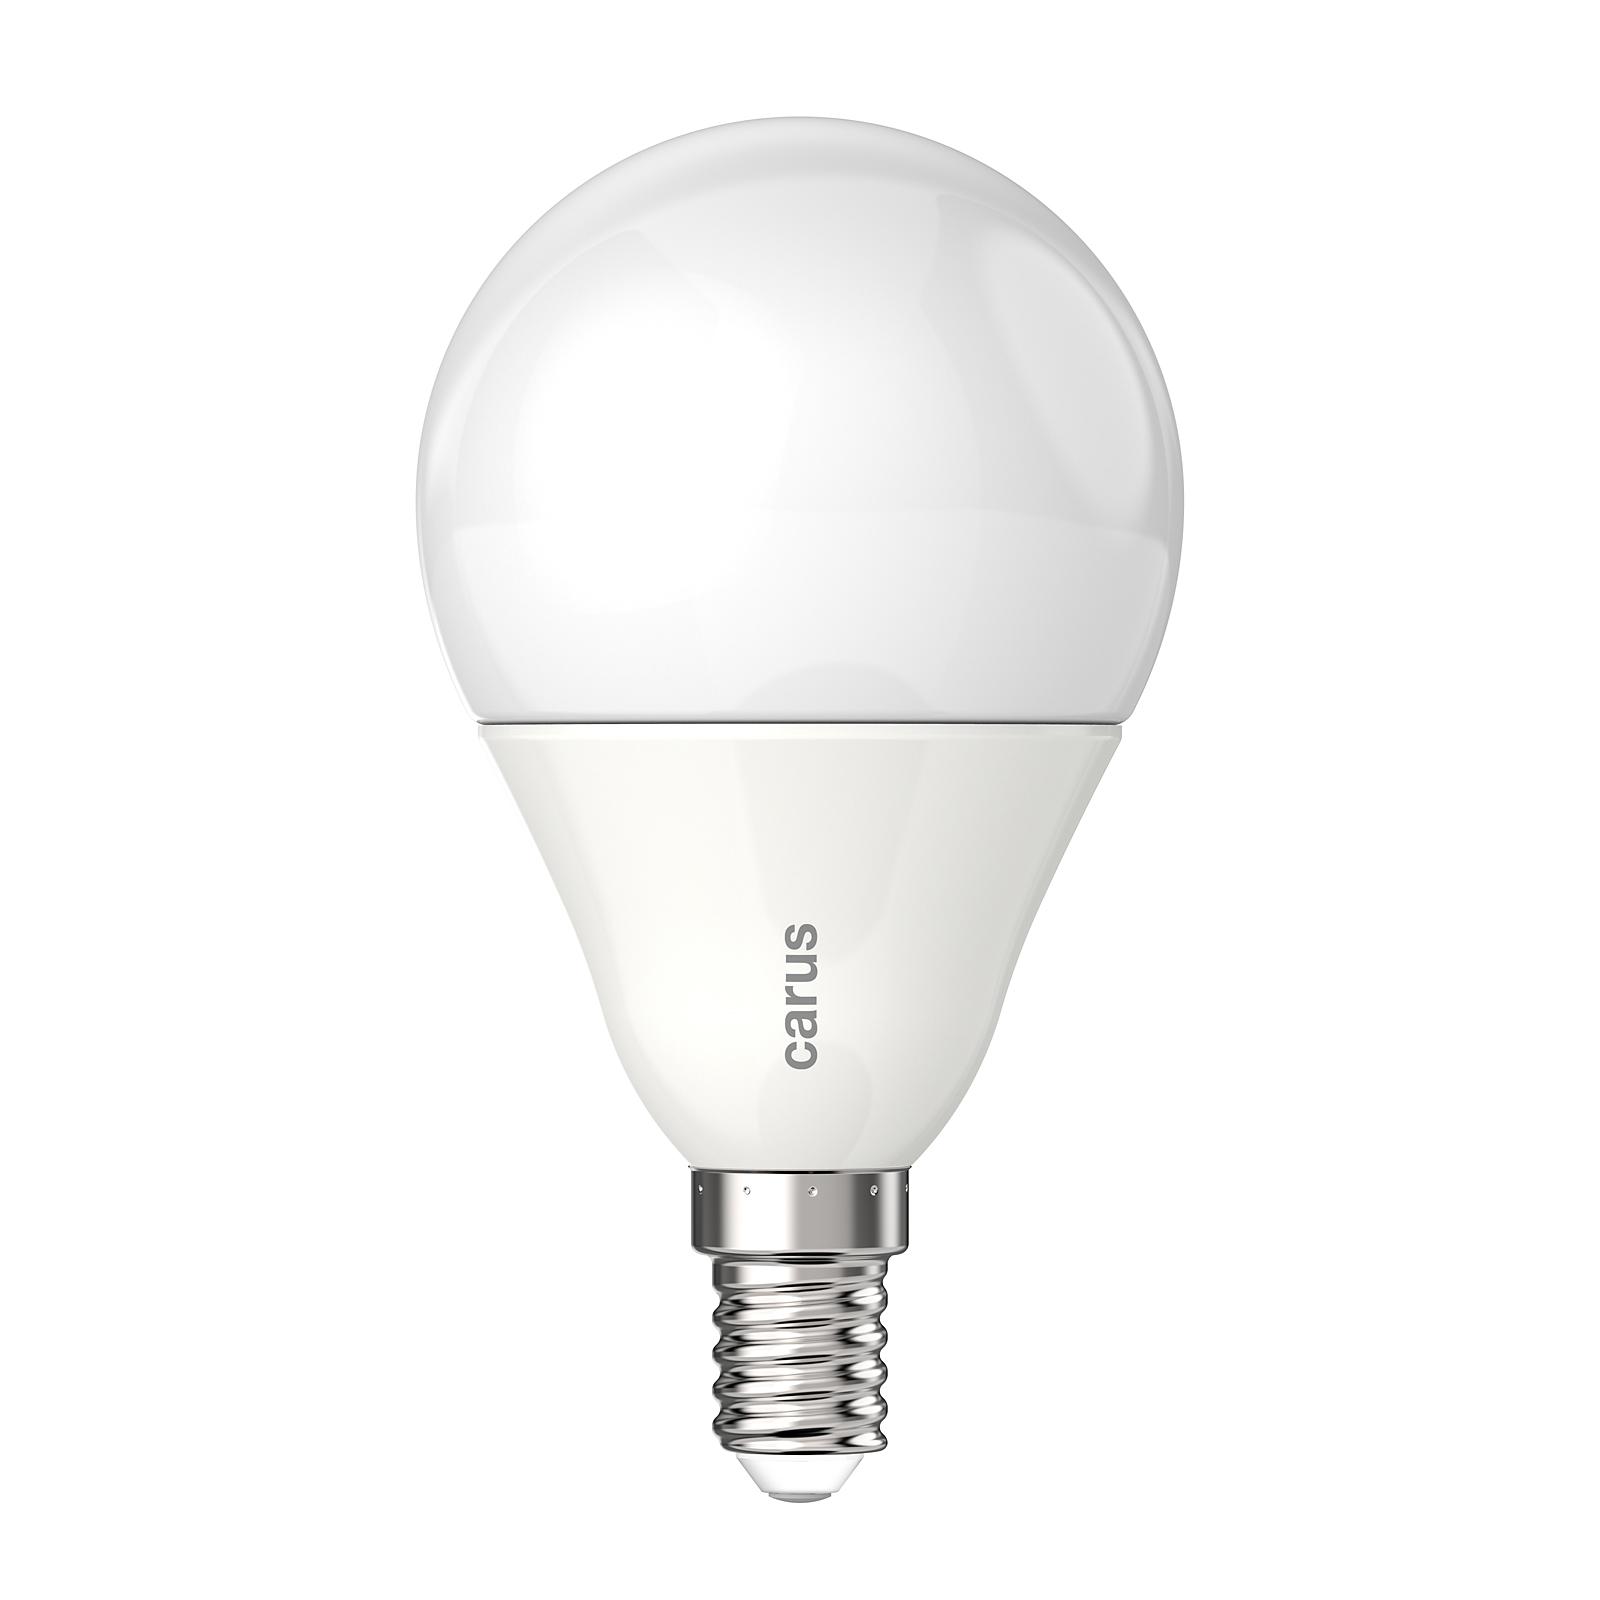 11009-CARUS-LED-Lampe-E14-63W-ersetzt-32-Watt-400-Lumen-warmweiss-dimmbar-90-Ra-1 Spannende Welche Lampen Sind Dimmbar Dekorationen